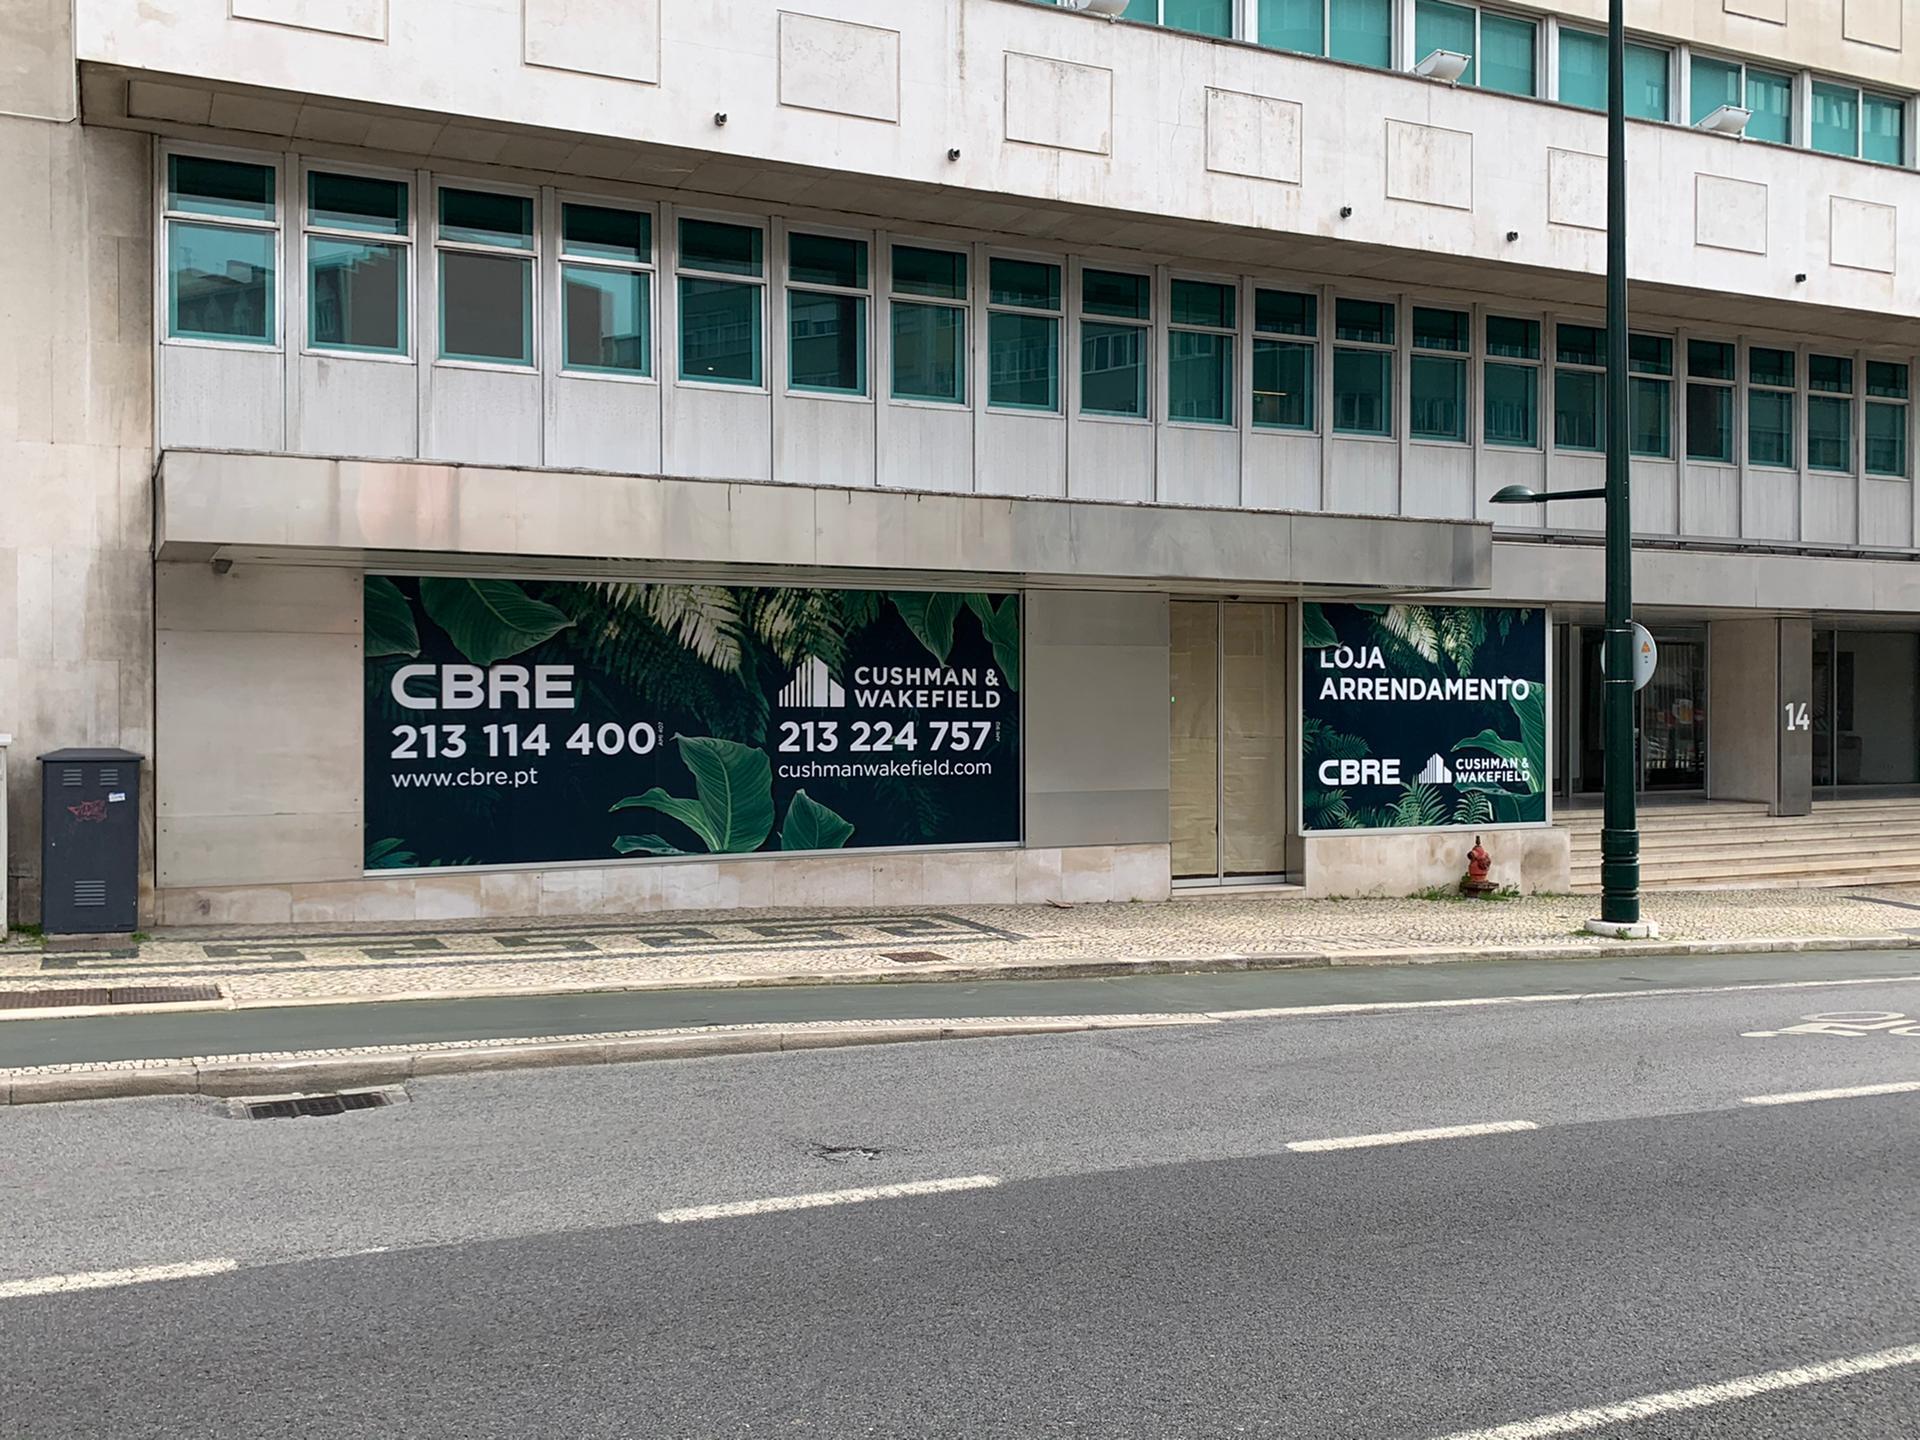 Cushman & Wakefield e CBRE